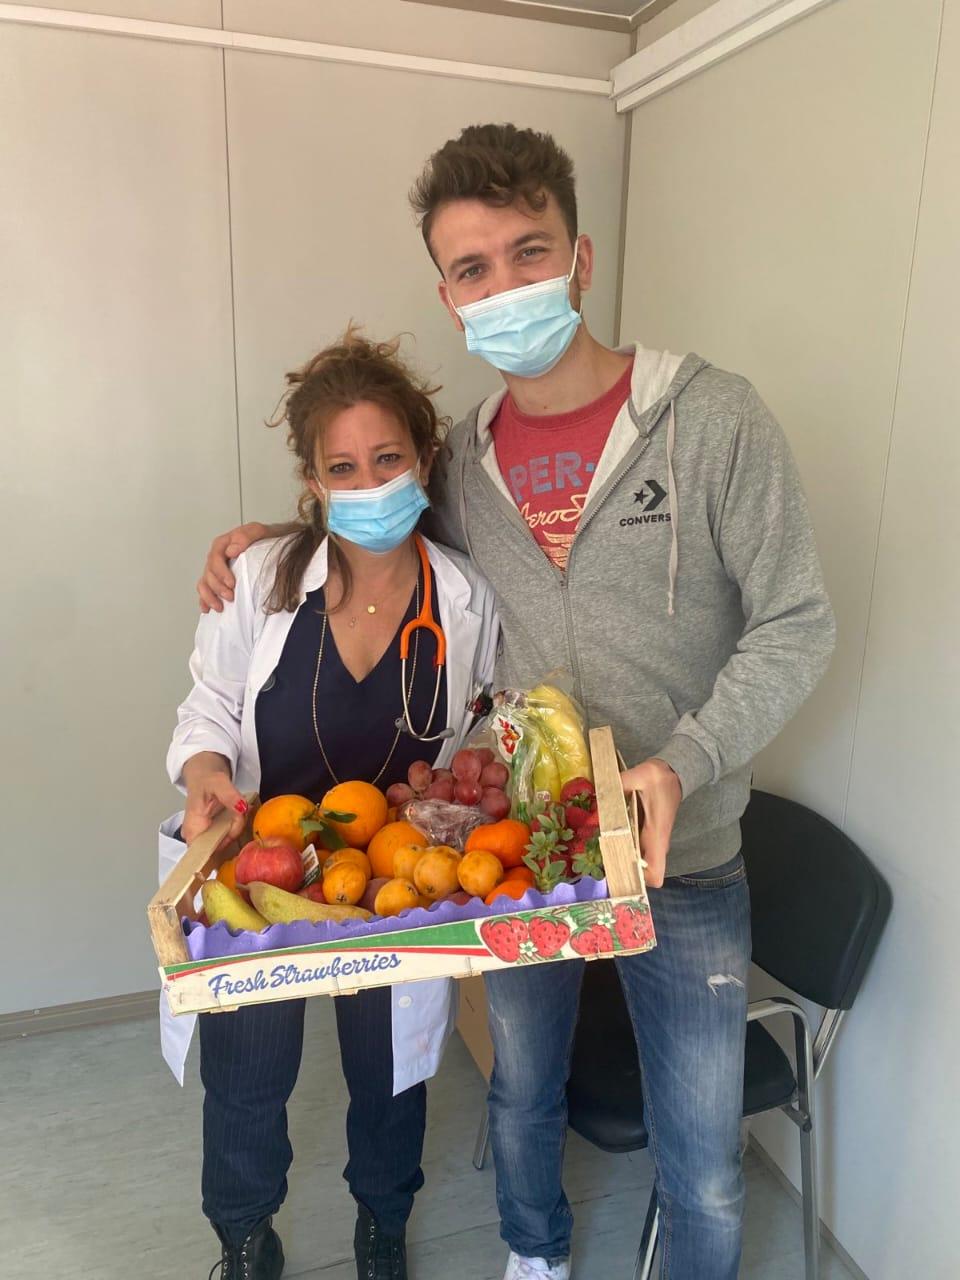 Οι επιχειρήσεις Πολλάτος και Ντίνα στηρίζουν τον εμβολιασμό στο νησί μας – Προσφορά φρούτων και γλυκών στο προσωπικό του εμβολιαστικού κέντρου